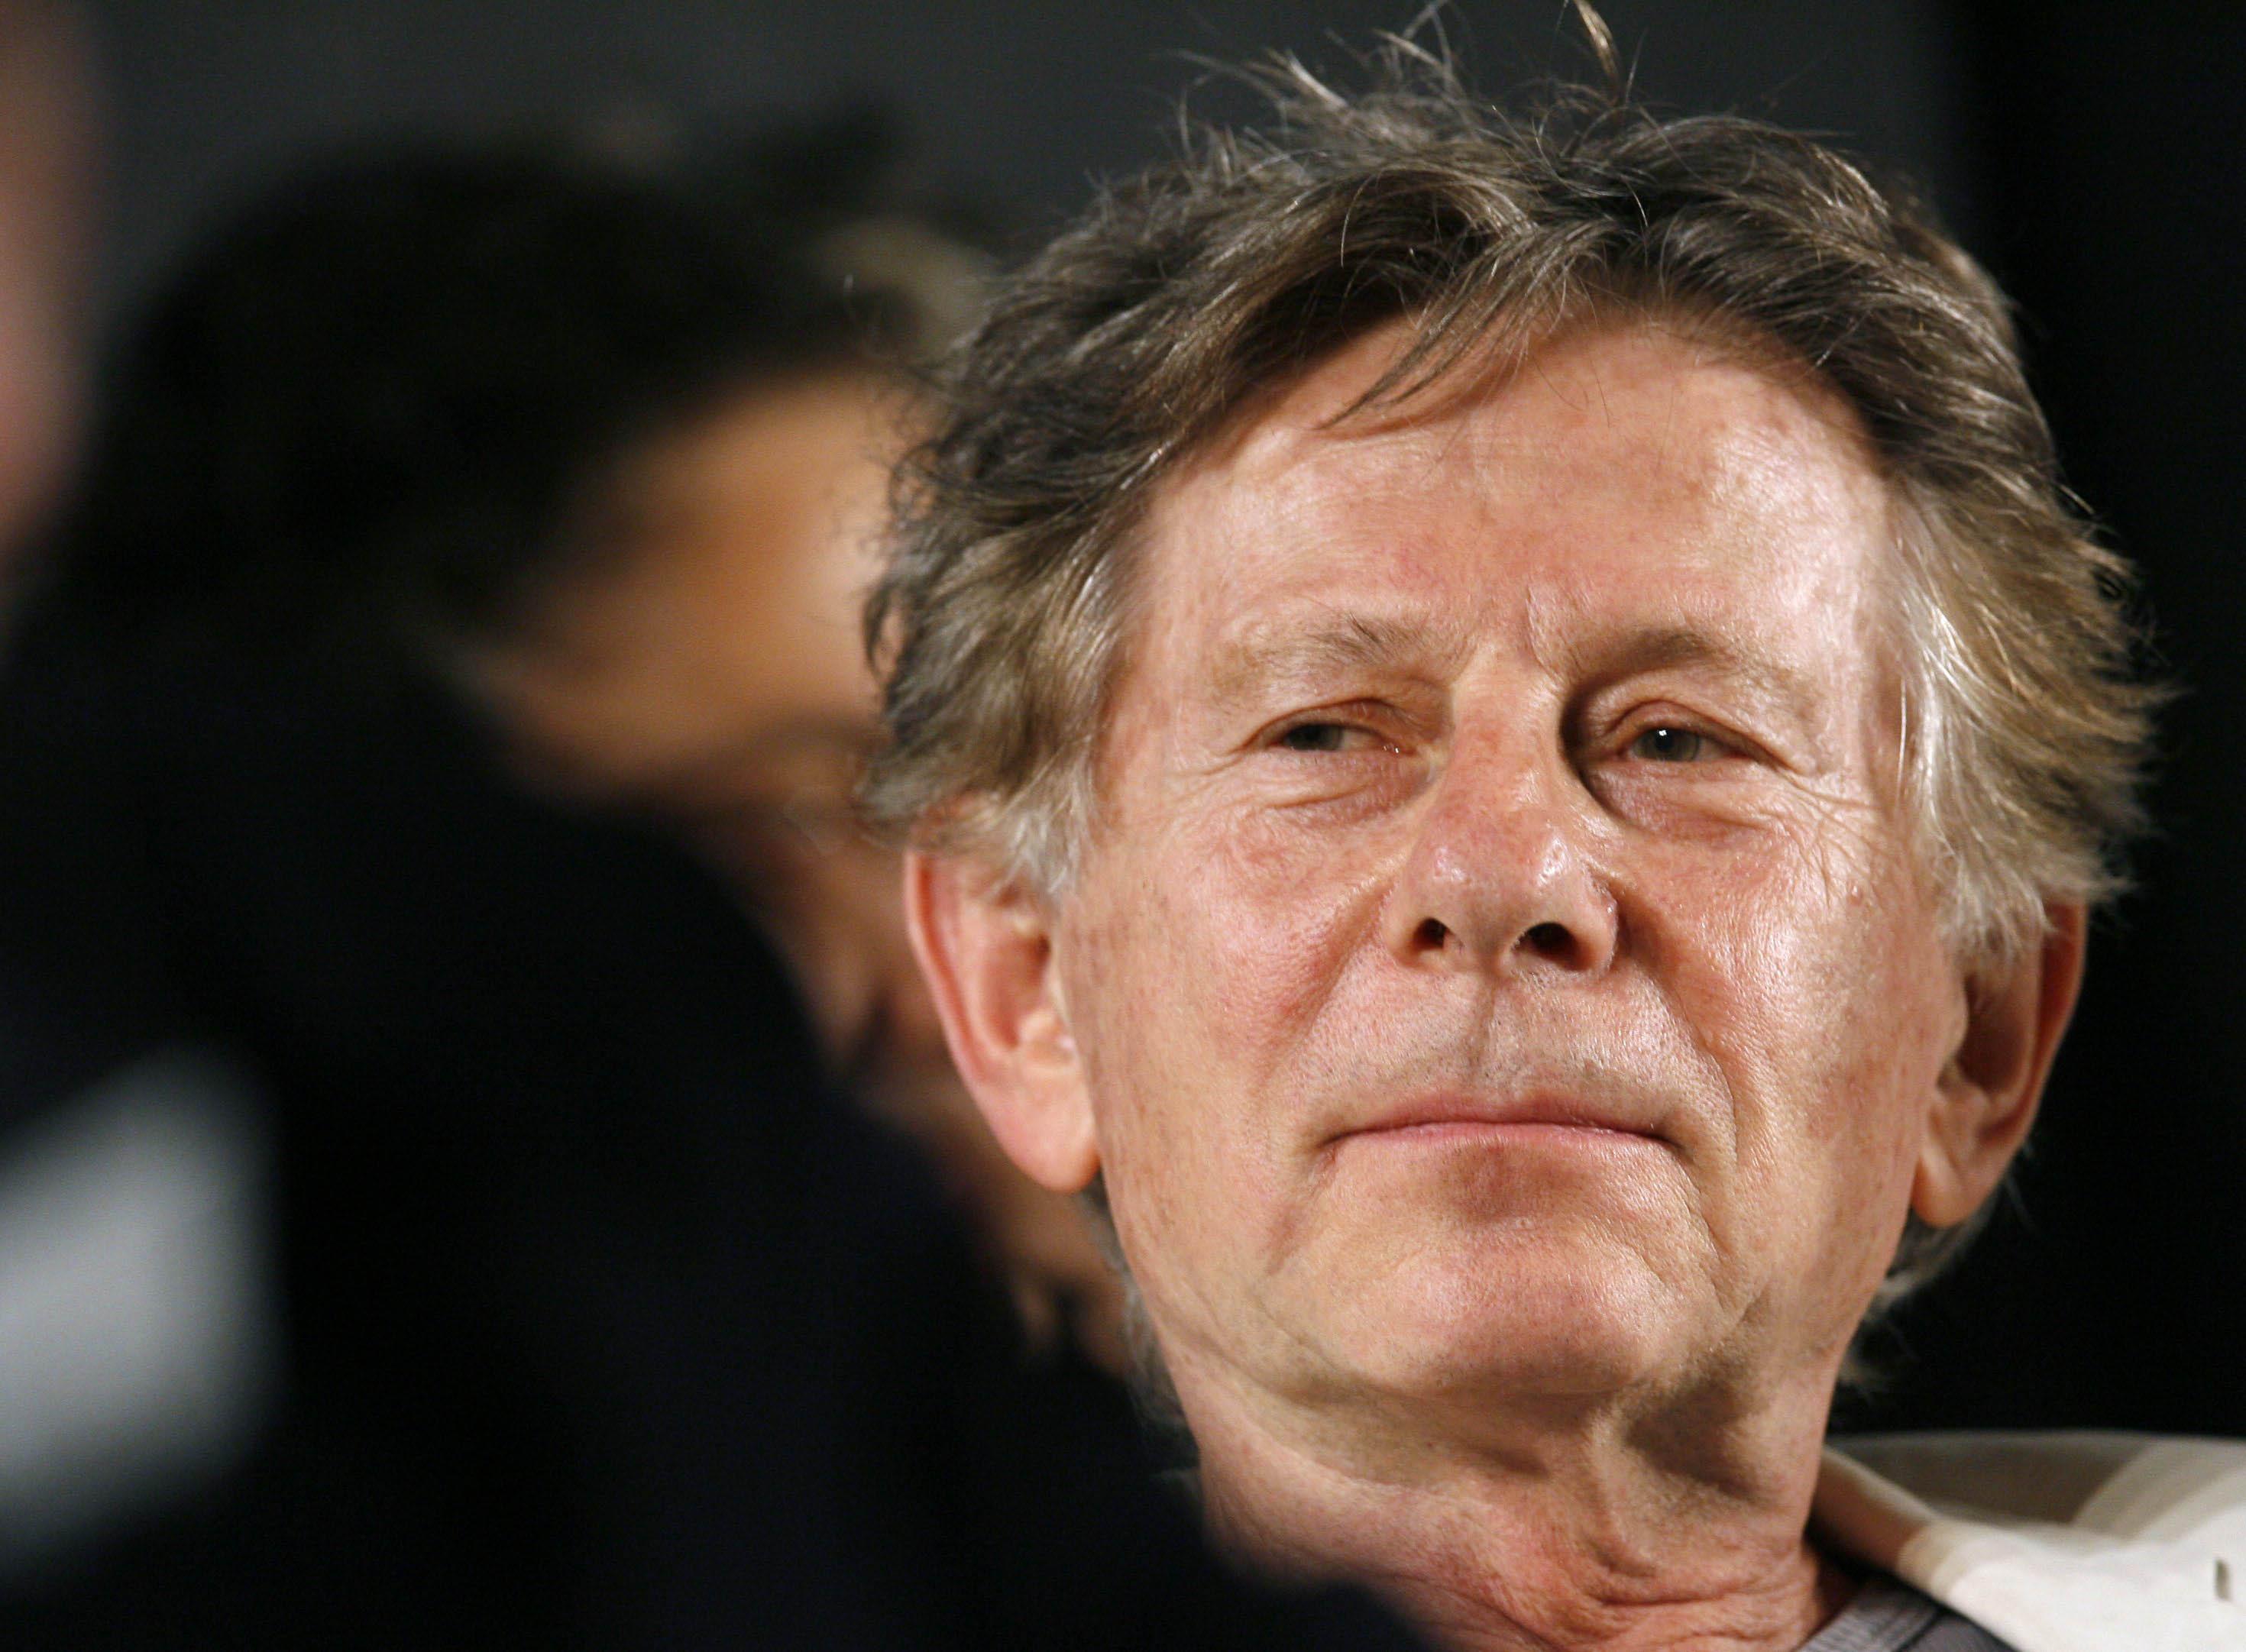 Niega juez en LA desechar caso contra Roman Polanski